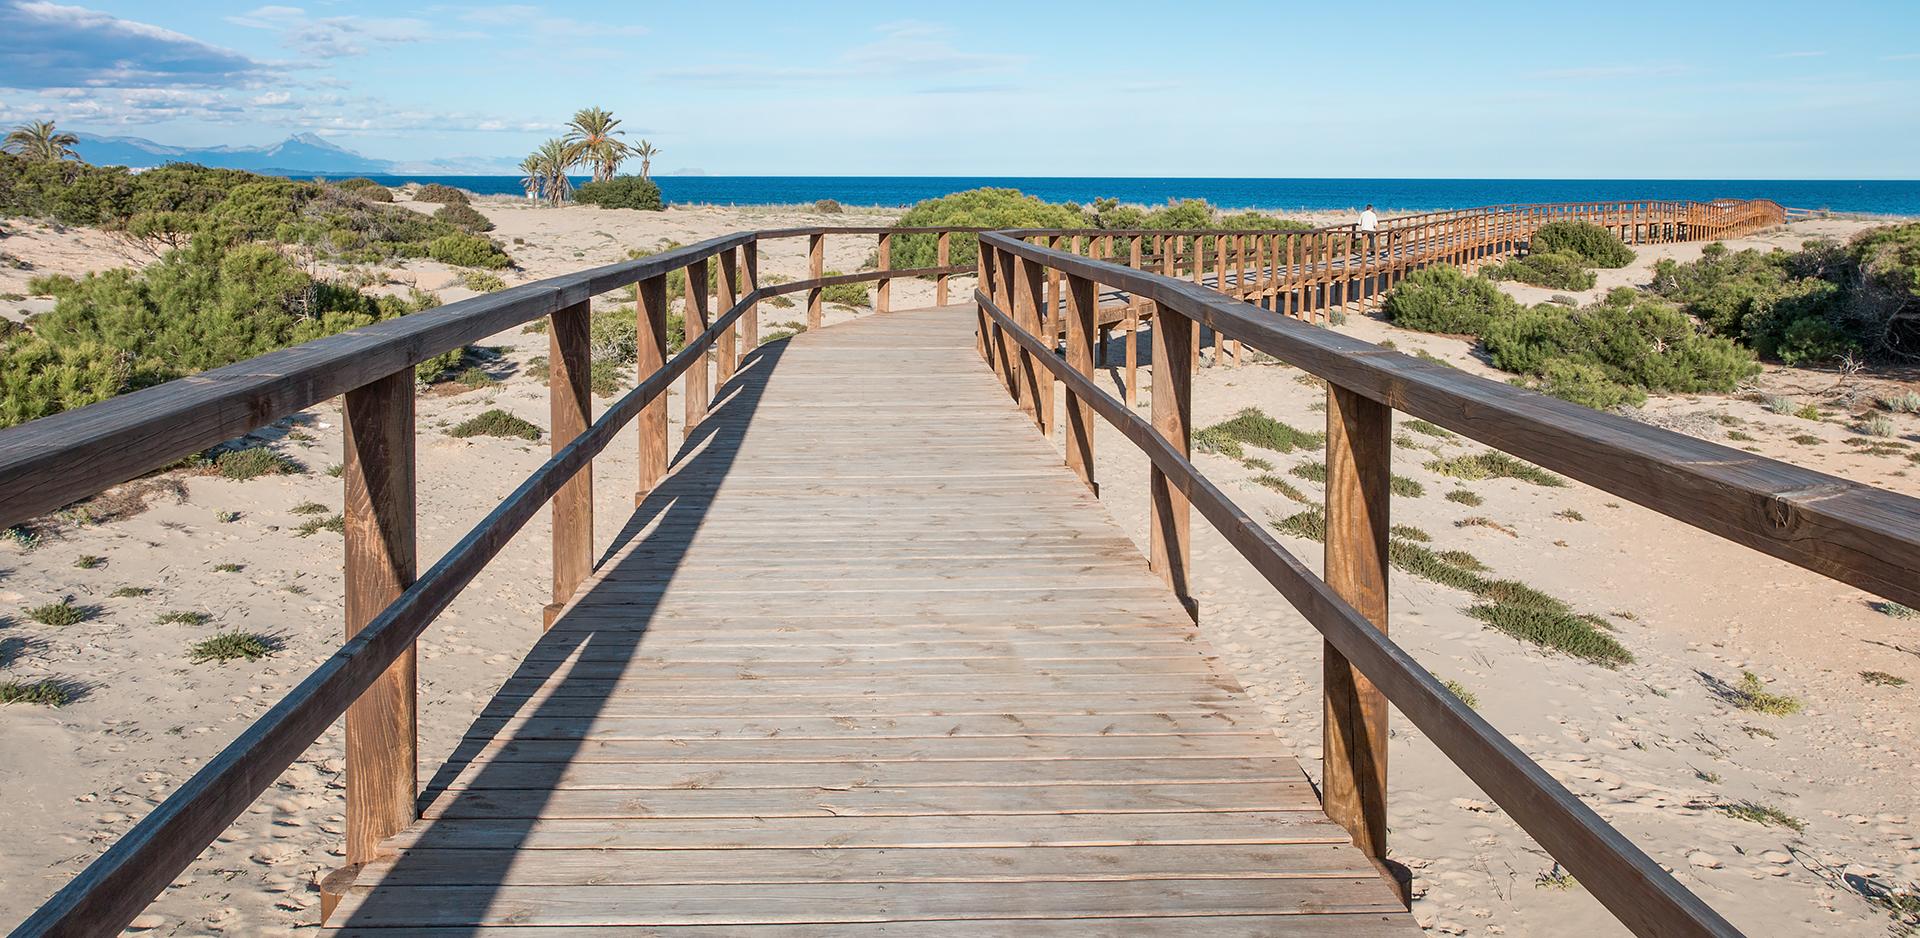 Zejście na plażę w Gran Alacant, Hiszpania.